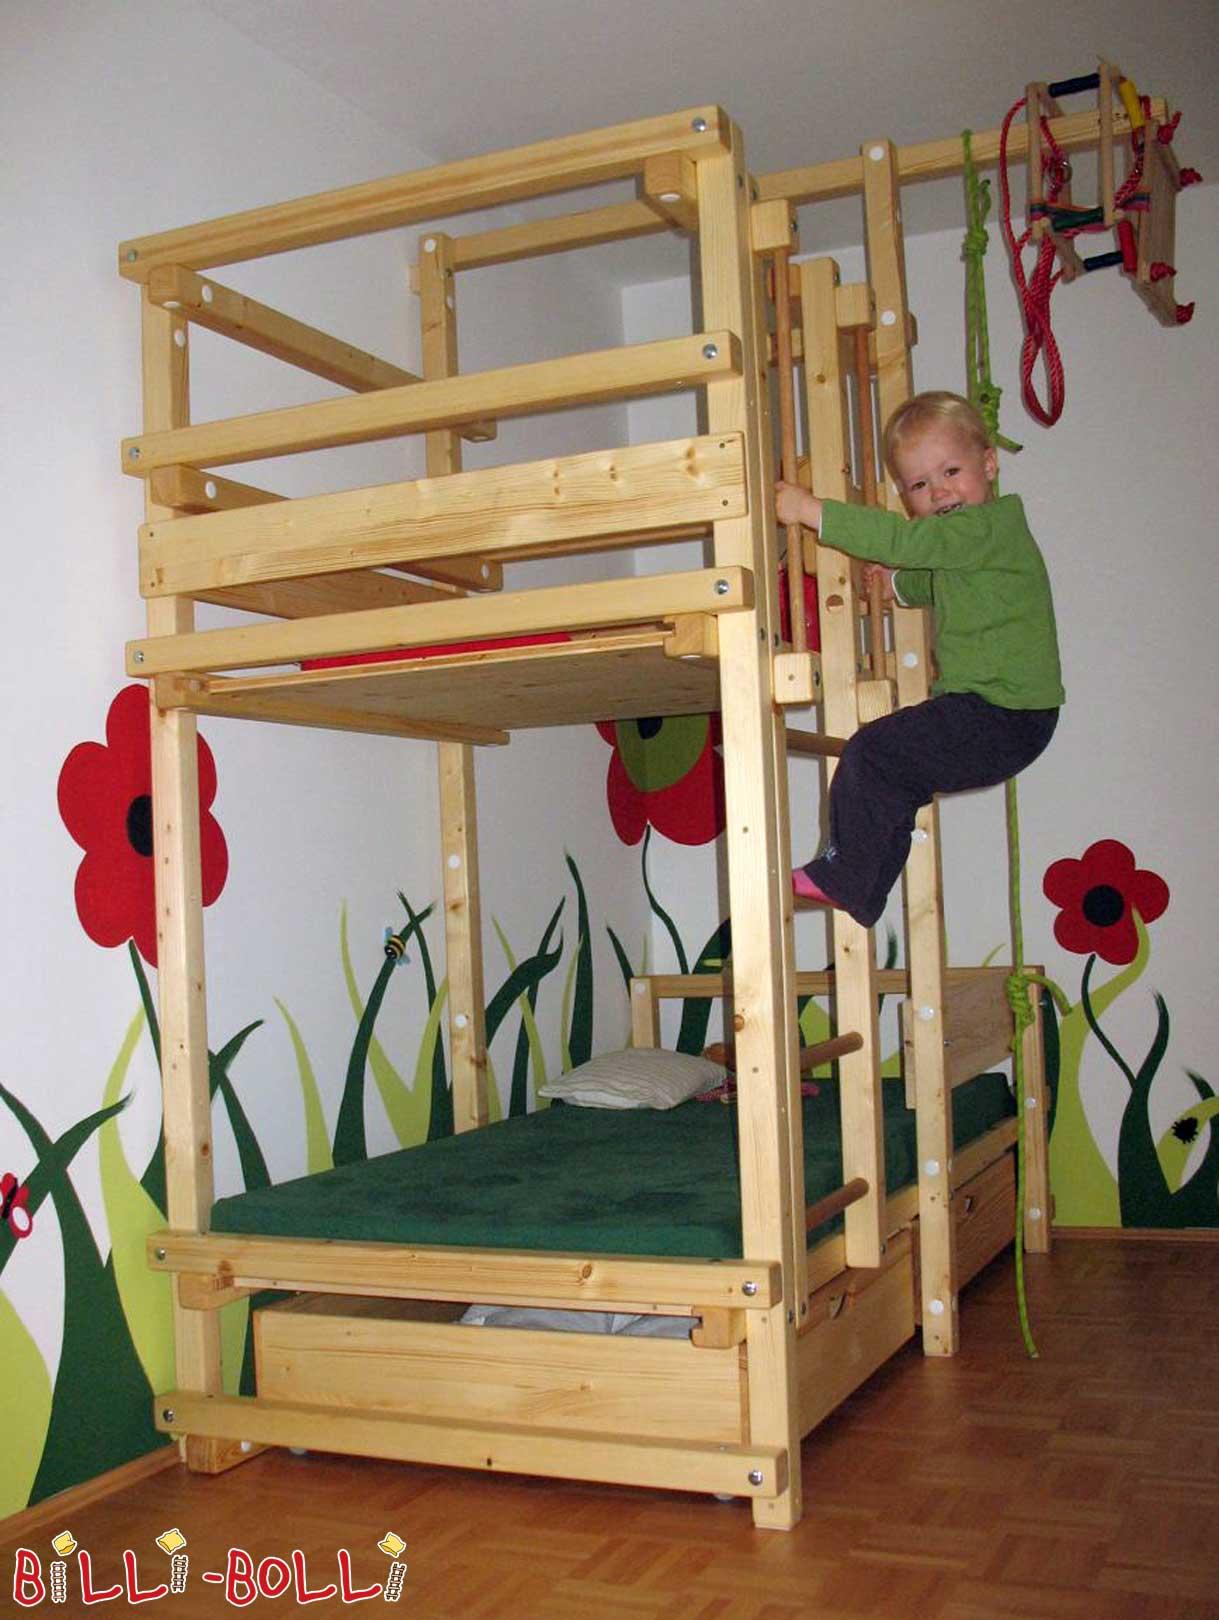 Dachschragenbett Fur Kinderzimmer Mit Dachschrage Billi Bolli